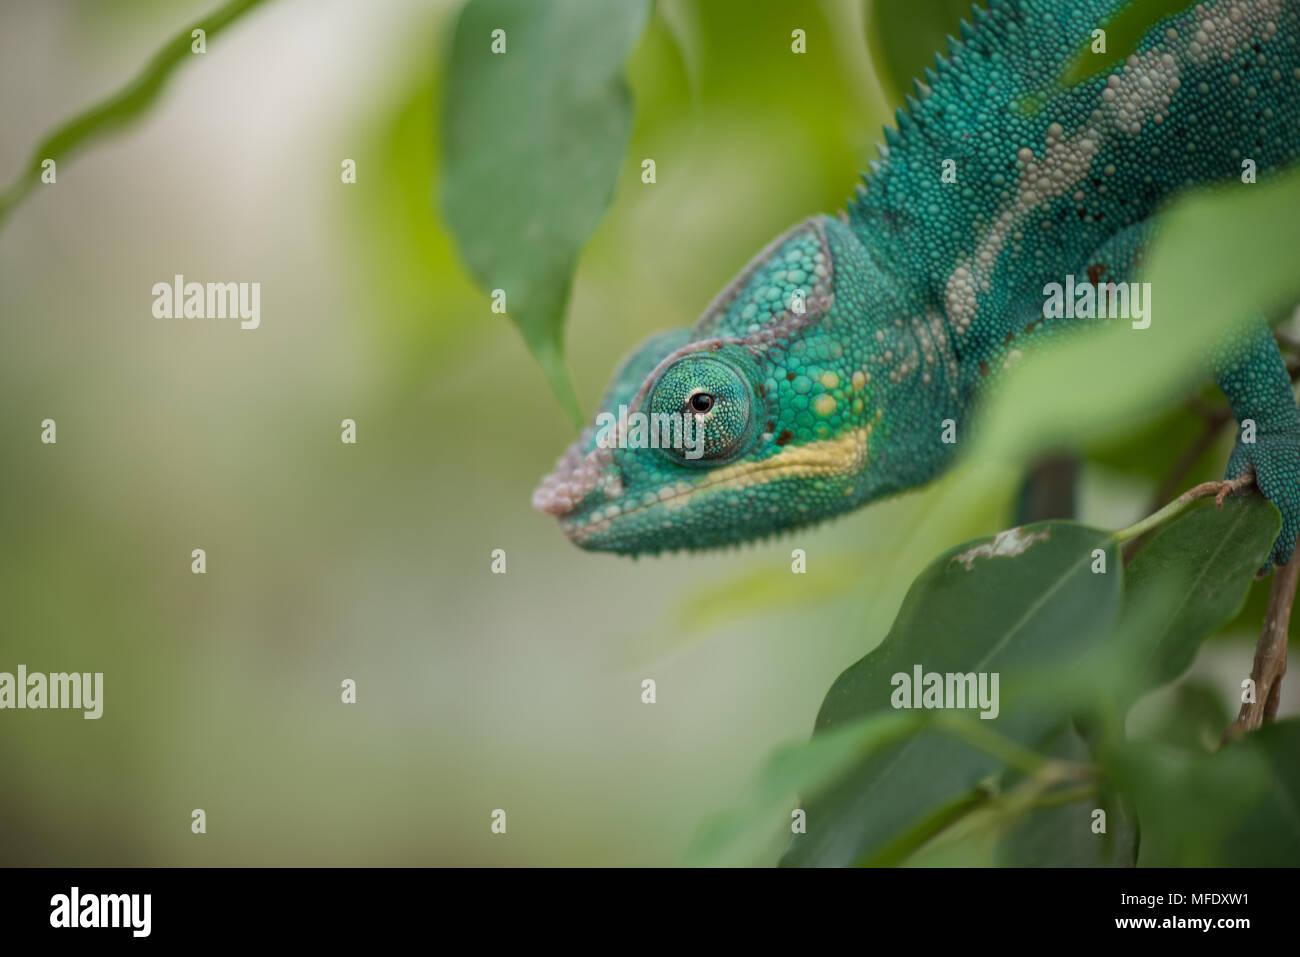 Panther chameleon mit hellen Farben / Furcifer pardalis/Madagascar Wildlife/Nosy Be/chameleon in Blätter/blau Chamäleon Stockbild